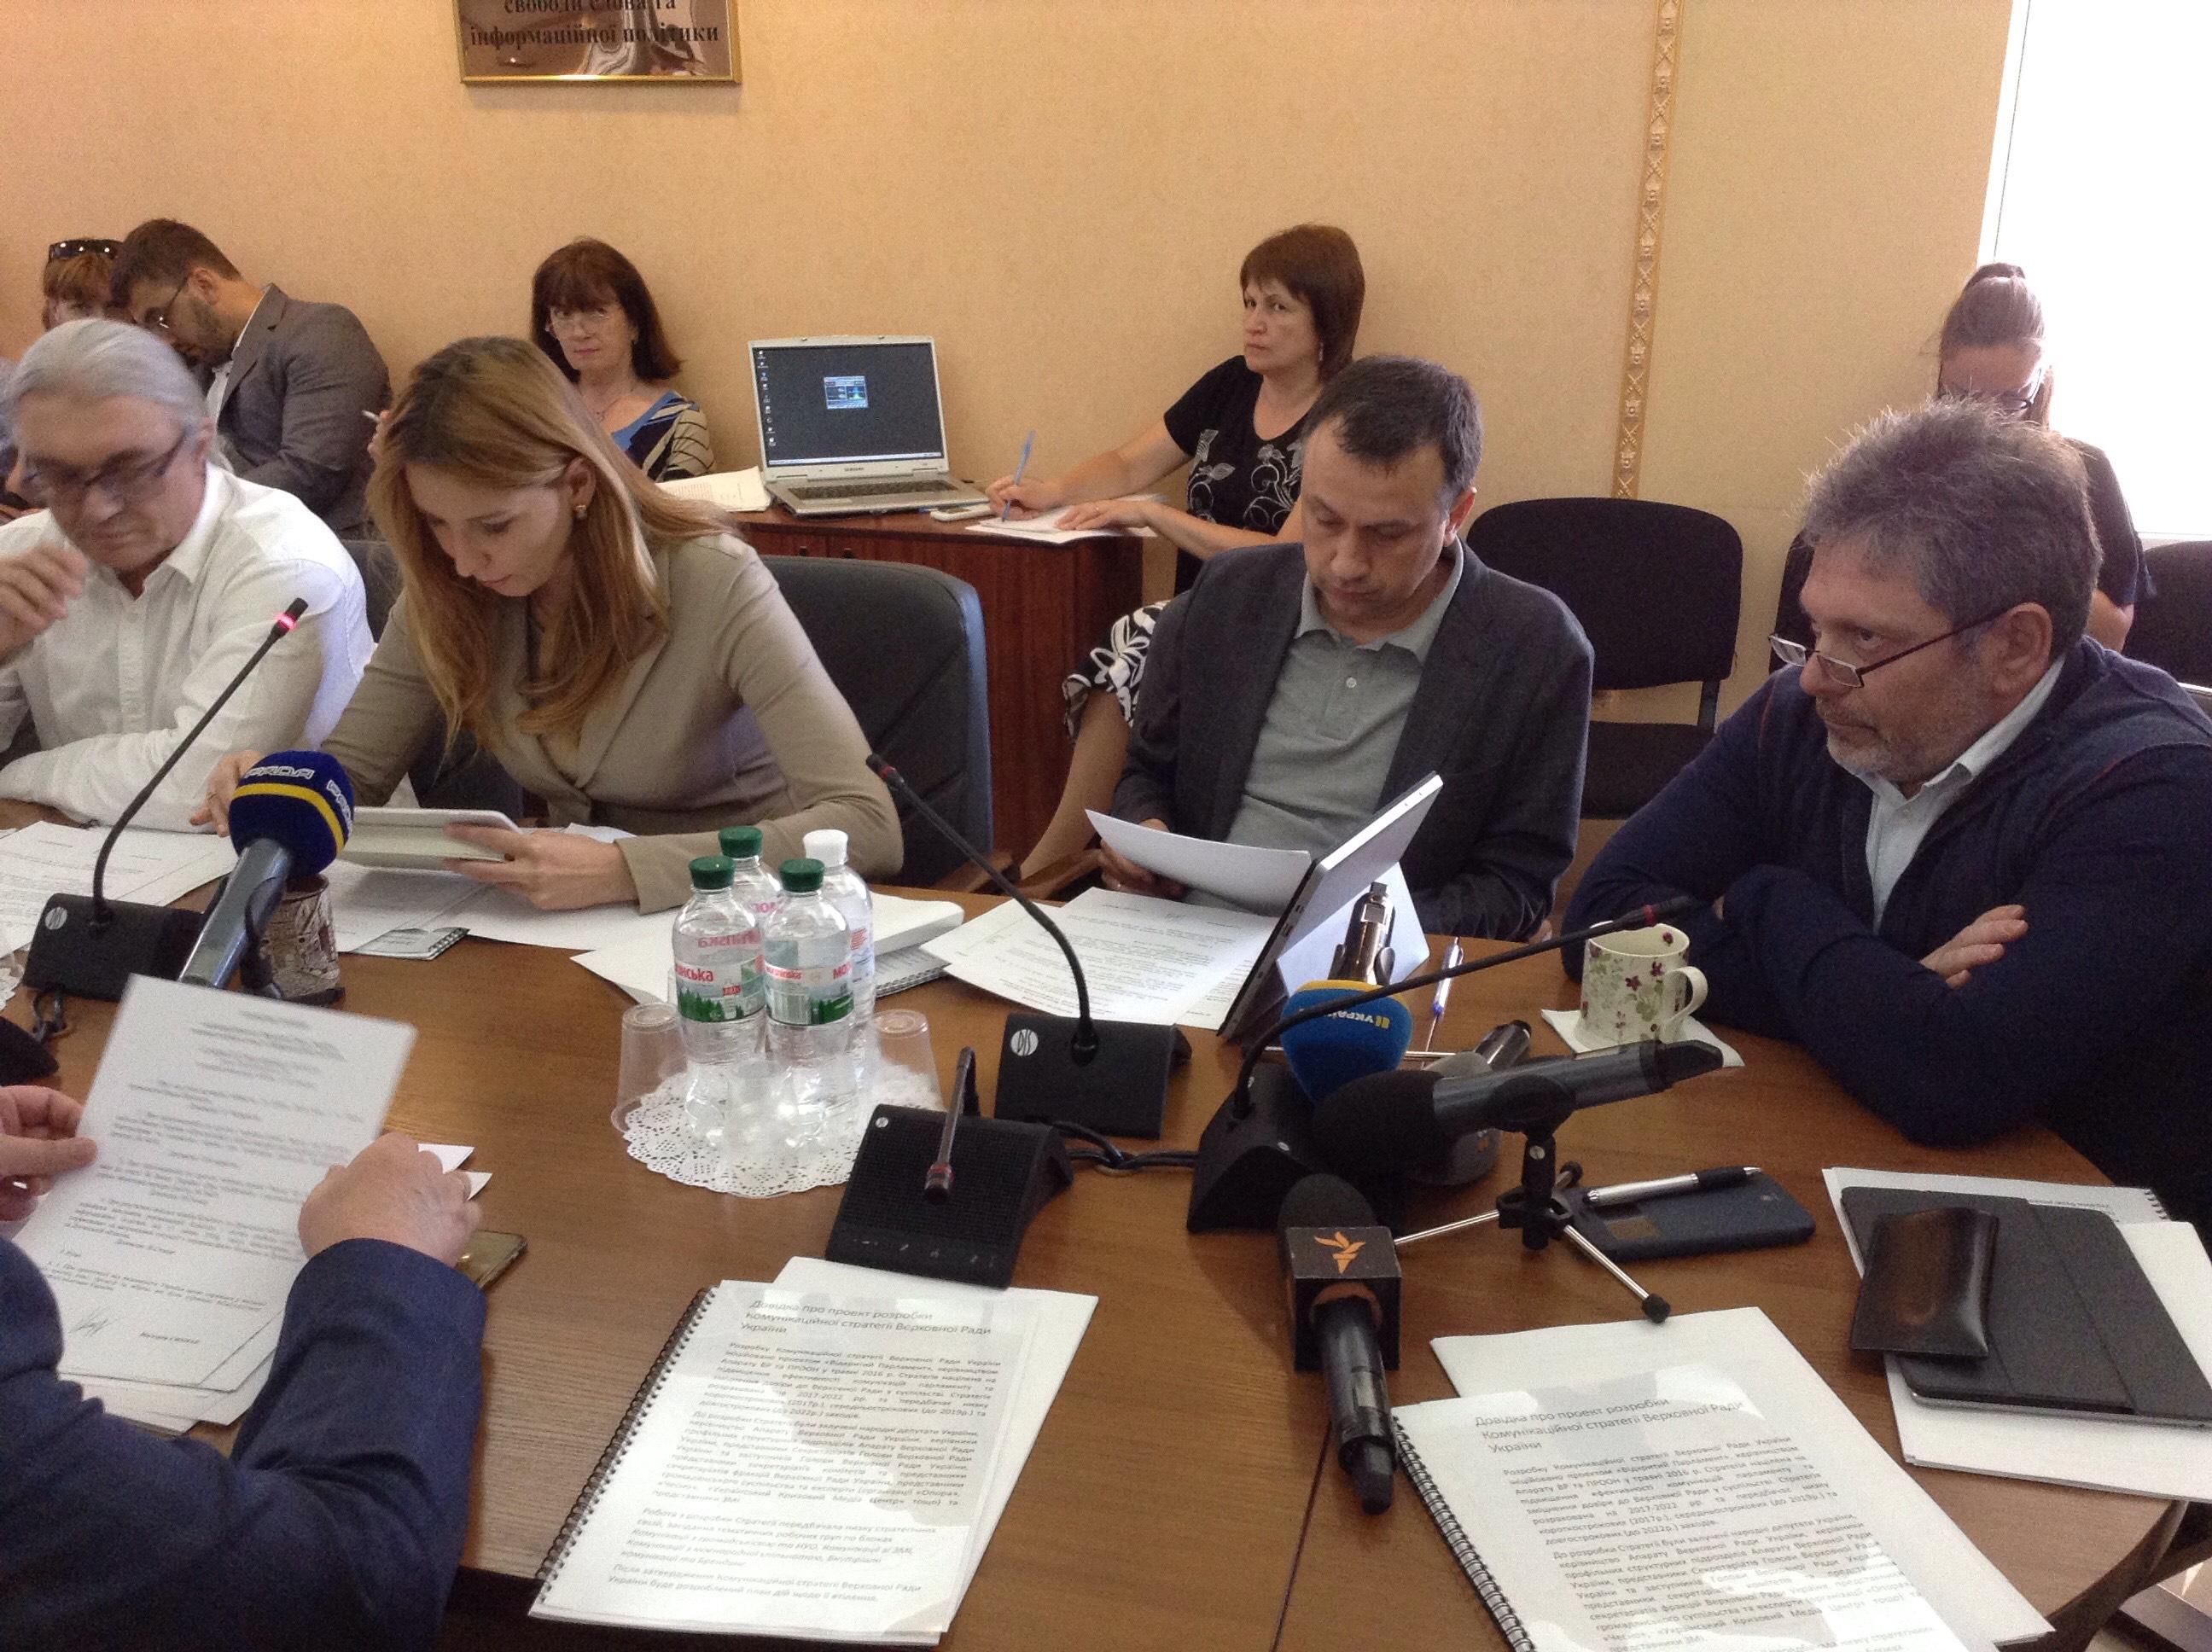 Комітет свободи слова наполягає на публічному звіті силовиків про розслідування вбивства Шеремета